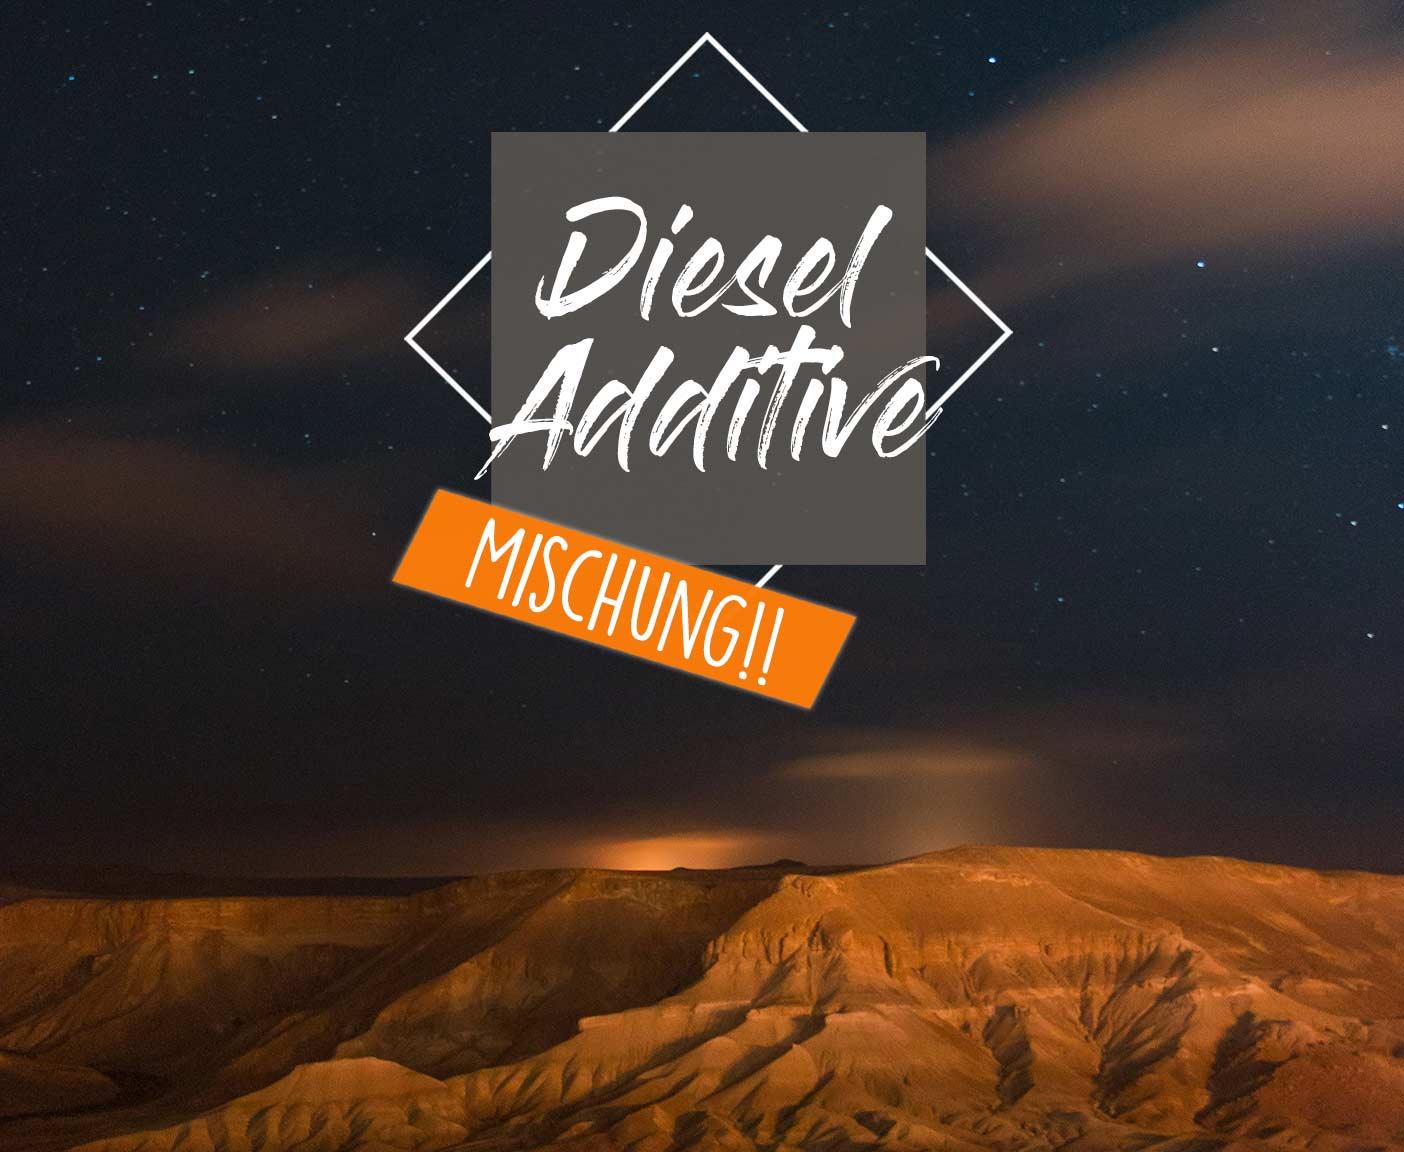 dieselpest-additive-vorbeugung-produkte-bakterien-tank-3